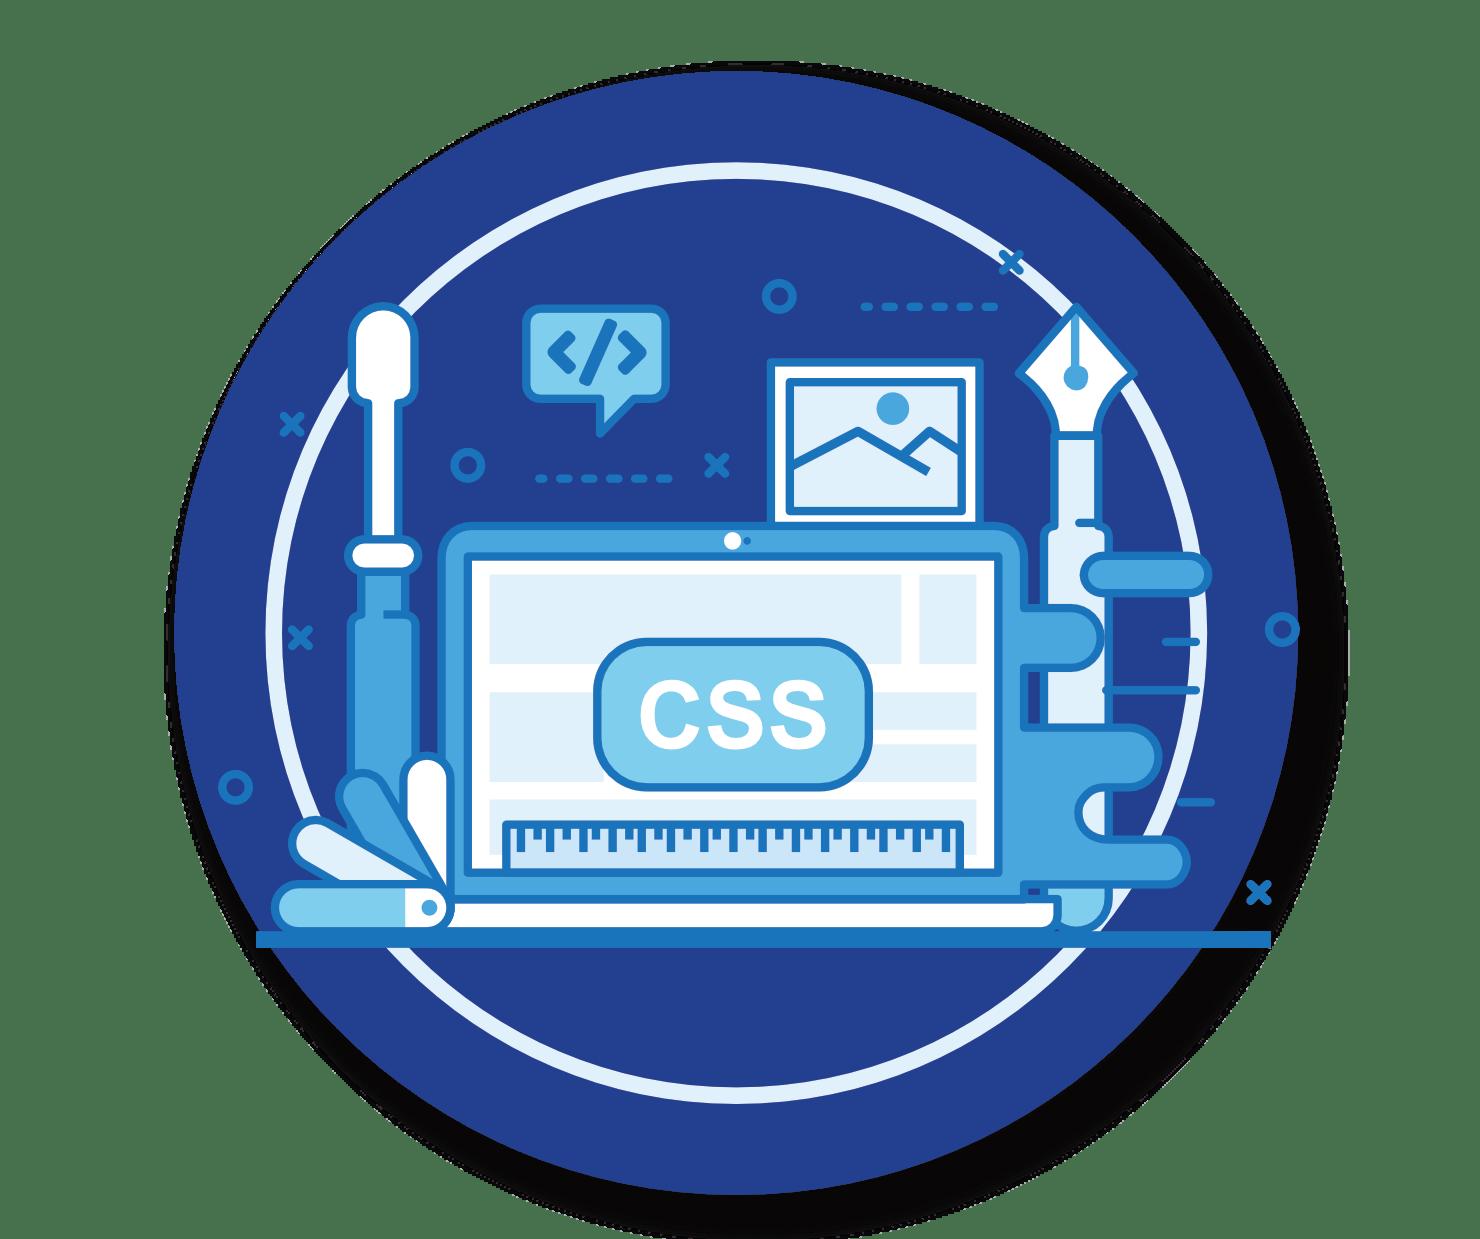 ylläpito-responsiiviset-kotisivut-verkkosivut-web-sivut-mobiili-yritykselle